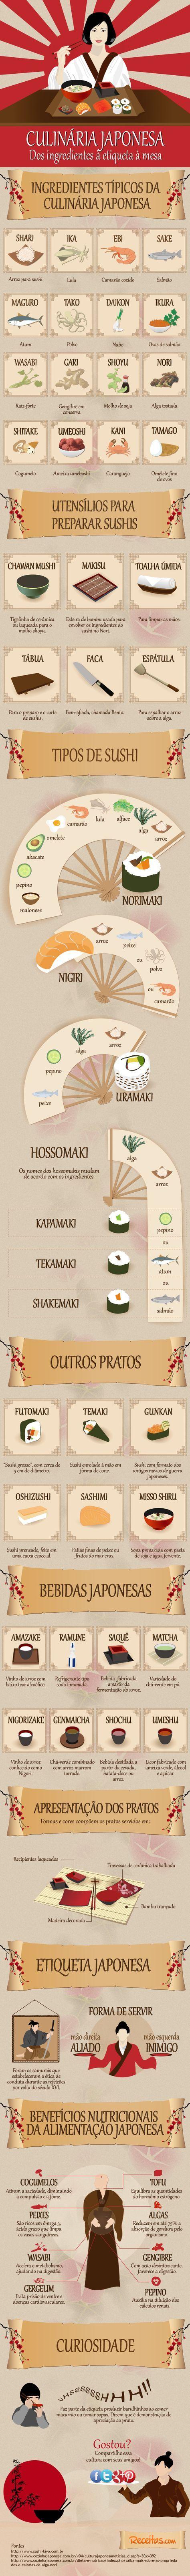 Infografía de la gastronomía japonesa: sushi, ingredientes, utensilios, ...la mejor comida japonesa la puedes encontrar en #Nikata